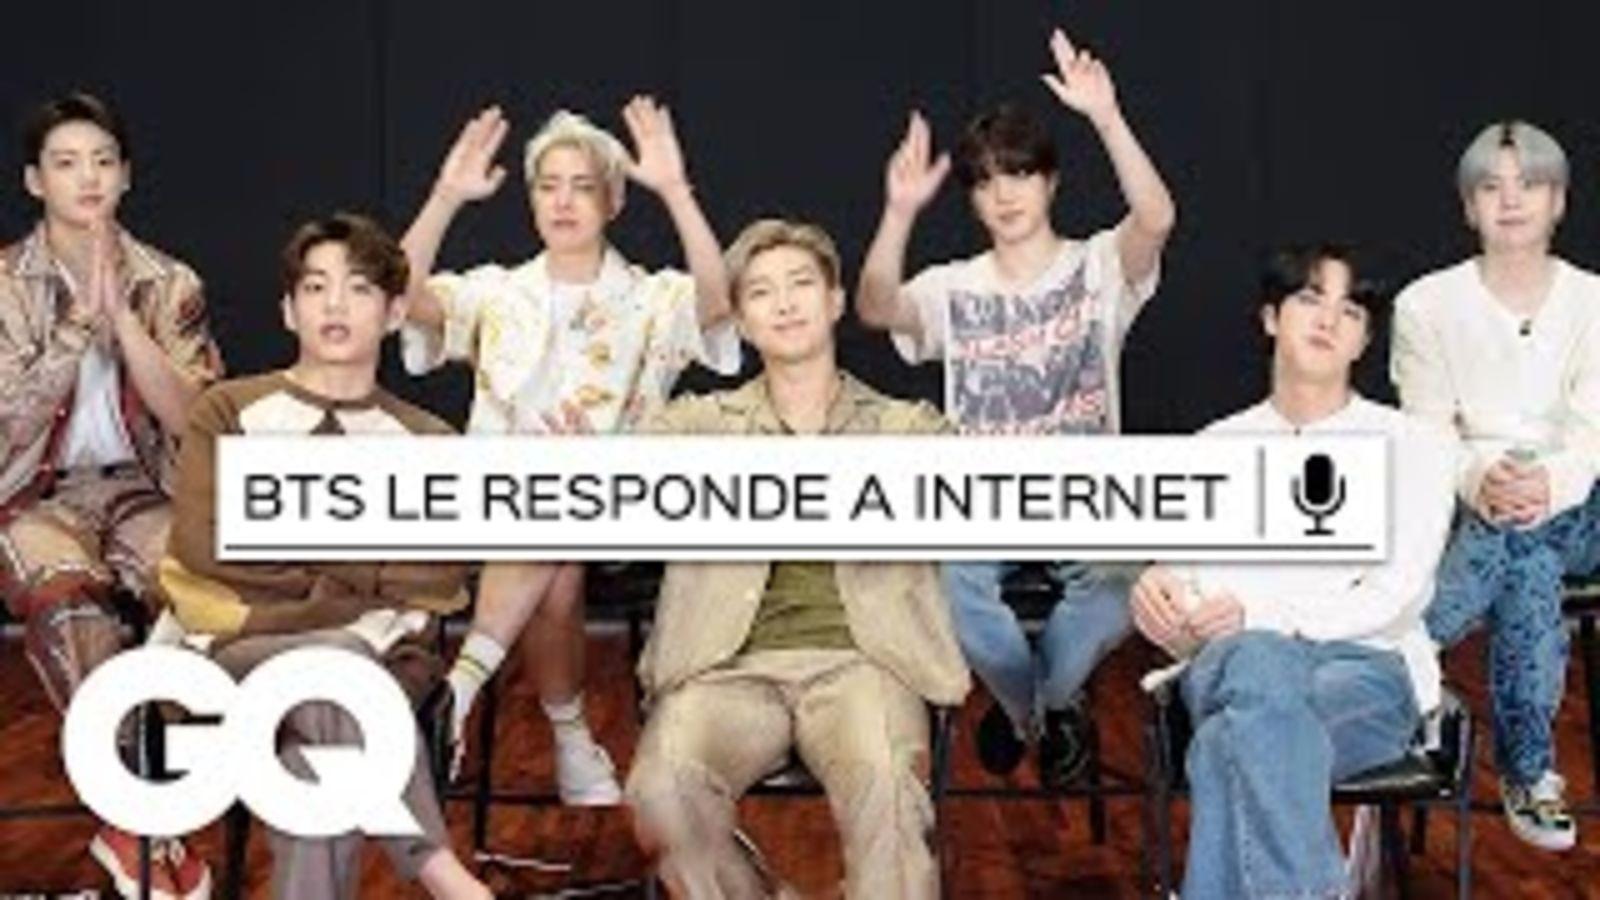 Los integrantes de BTS responden lo más buscado de Internet